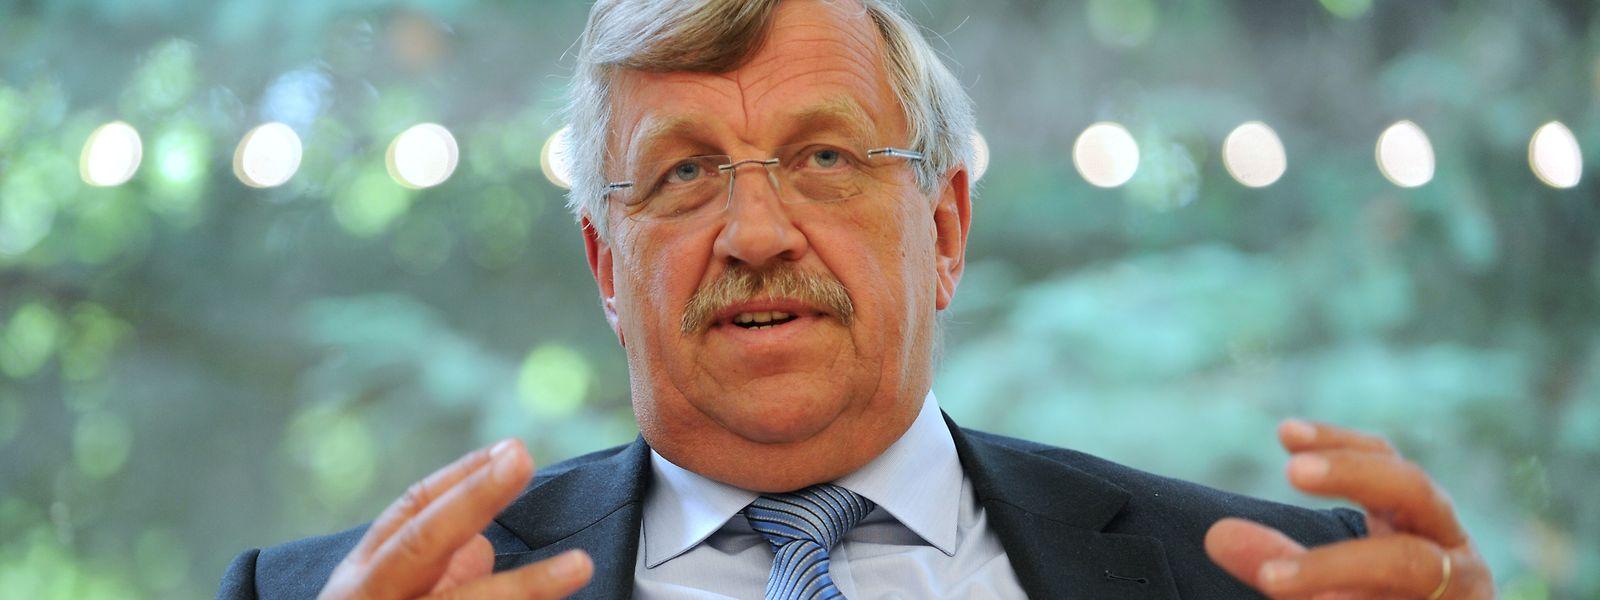 Walter Lübcke (CDU), Regierungspräsident von Kassel, wurde in der Nacht zum Sonntag tot aufgefunden.